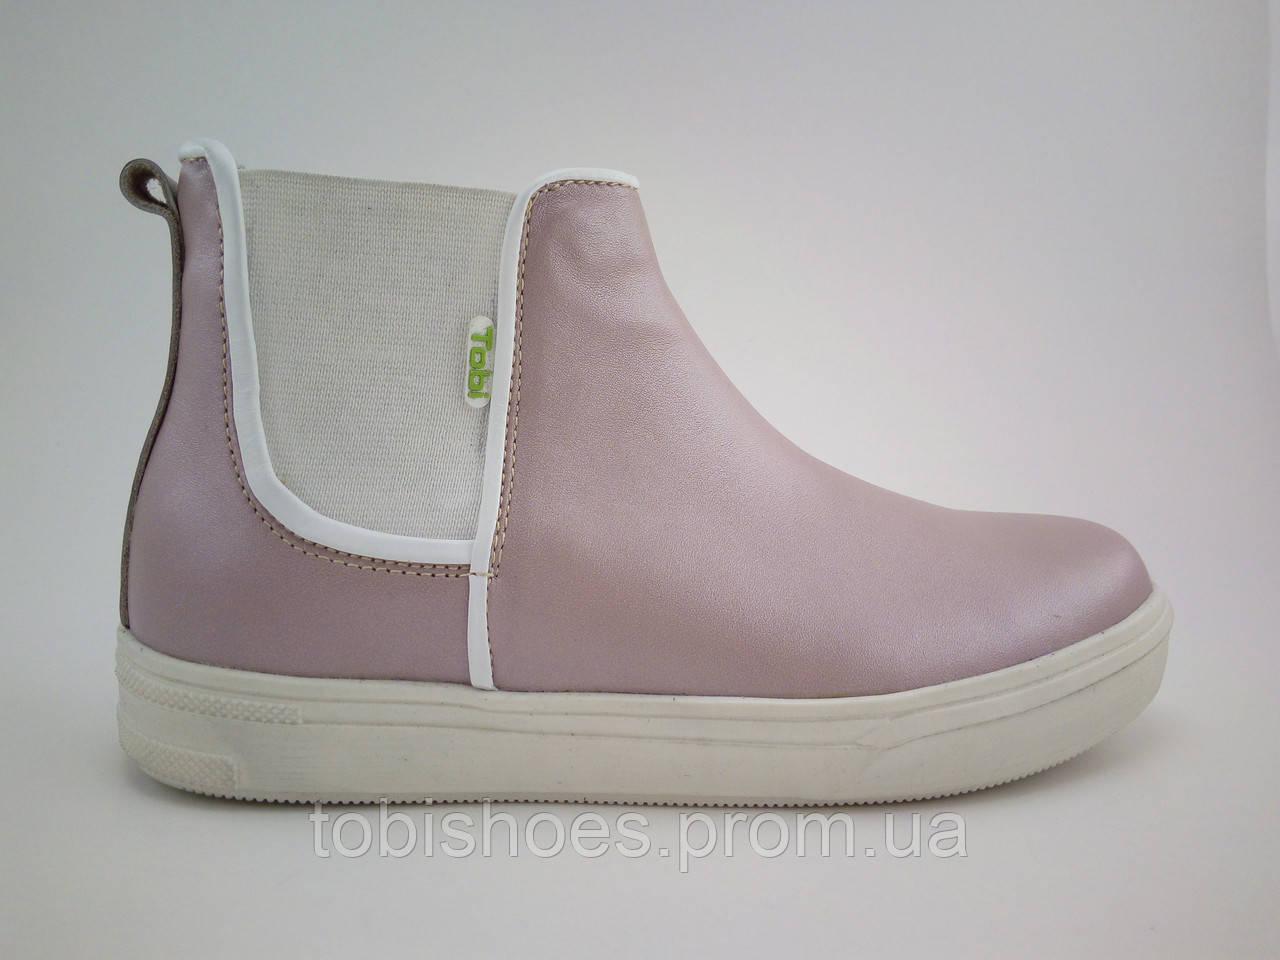 8d6ebaf20 Весенние ботинки для девочки-подростка цвета